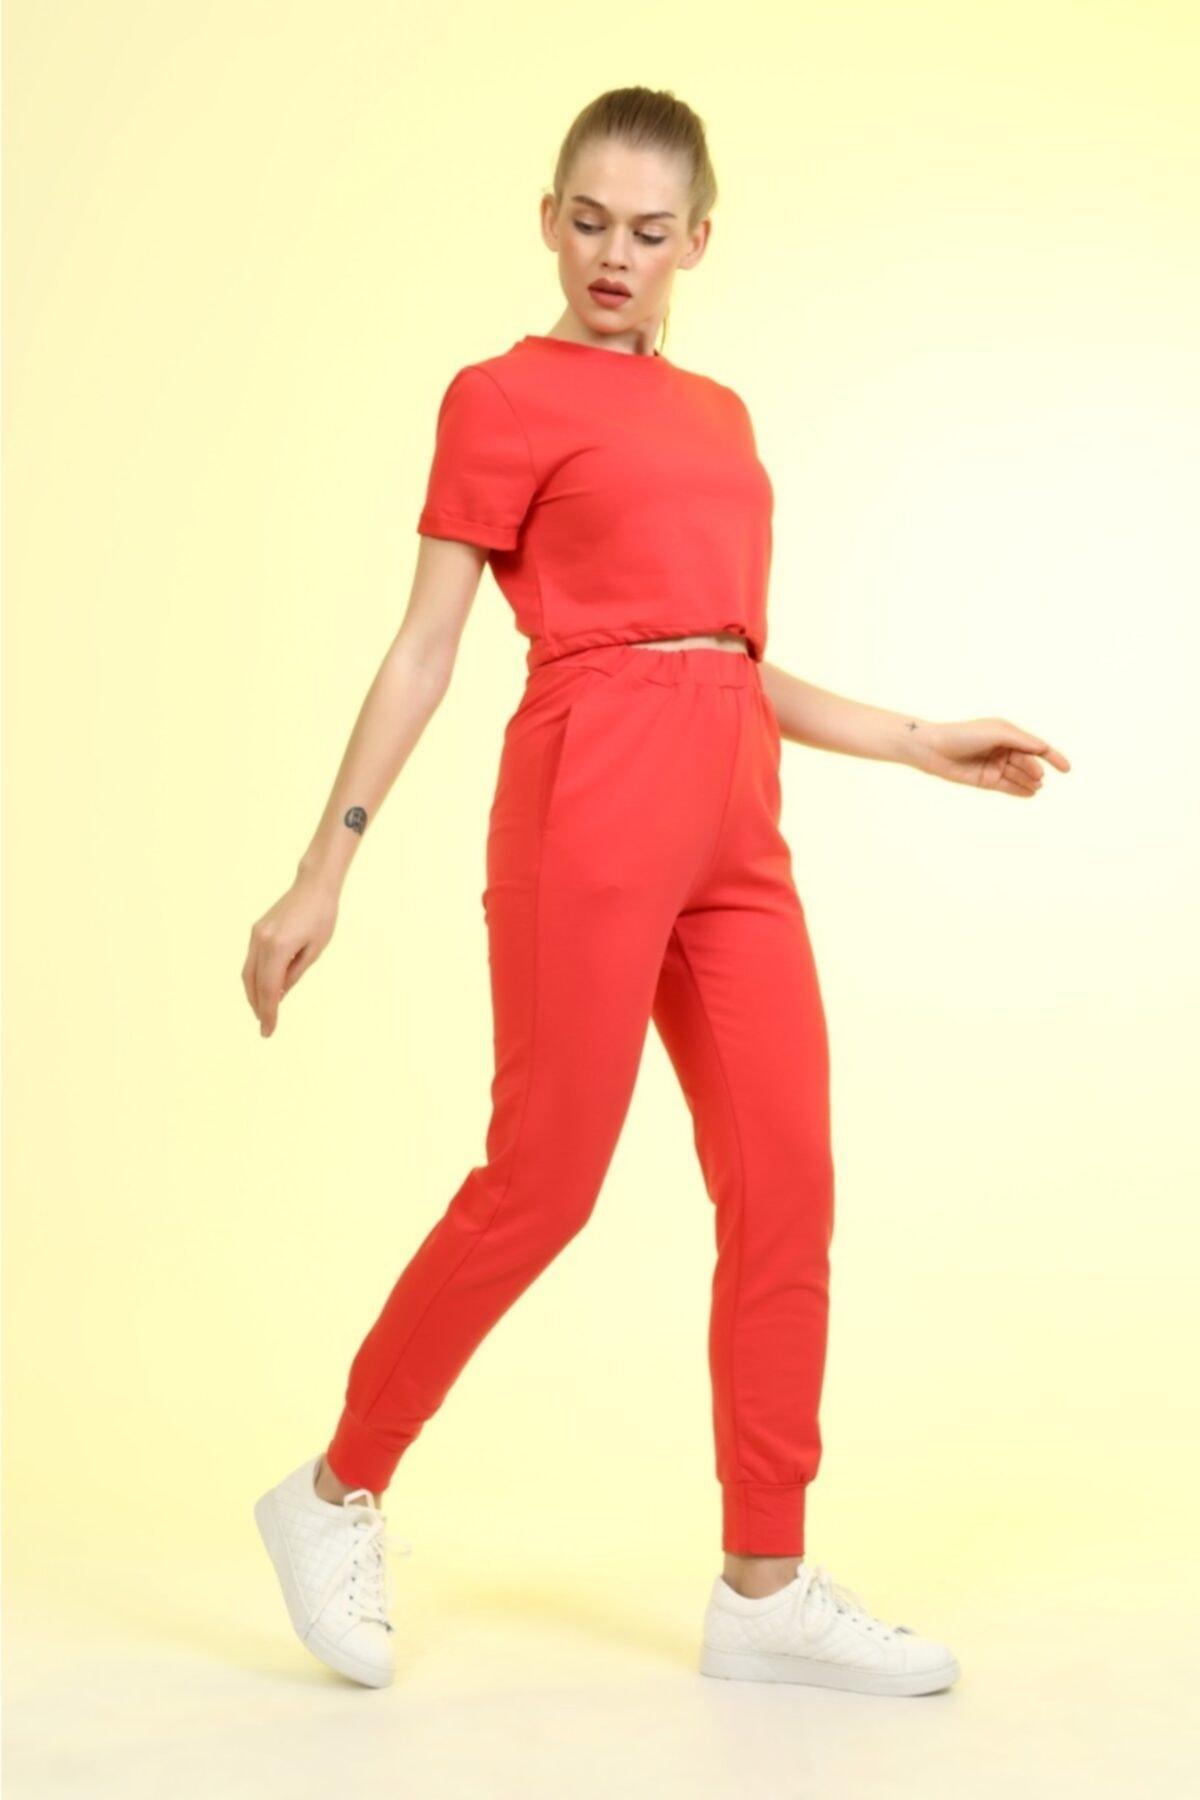 فروش انلاین ست ورزشی زنانه ارزان برند KOZAMODA رنگ صورتی ty101003962